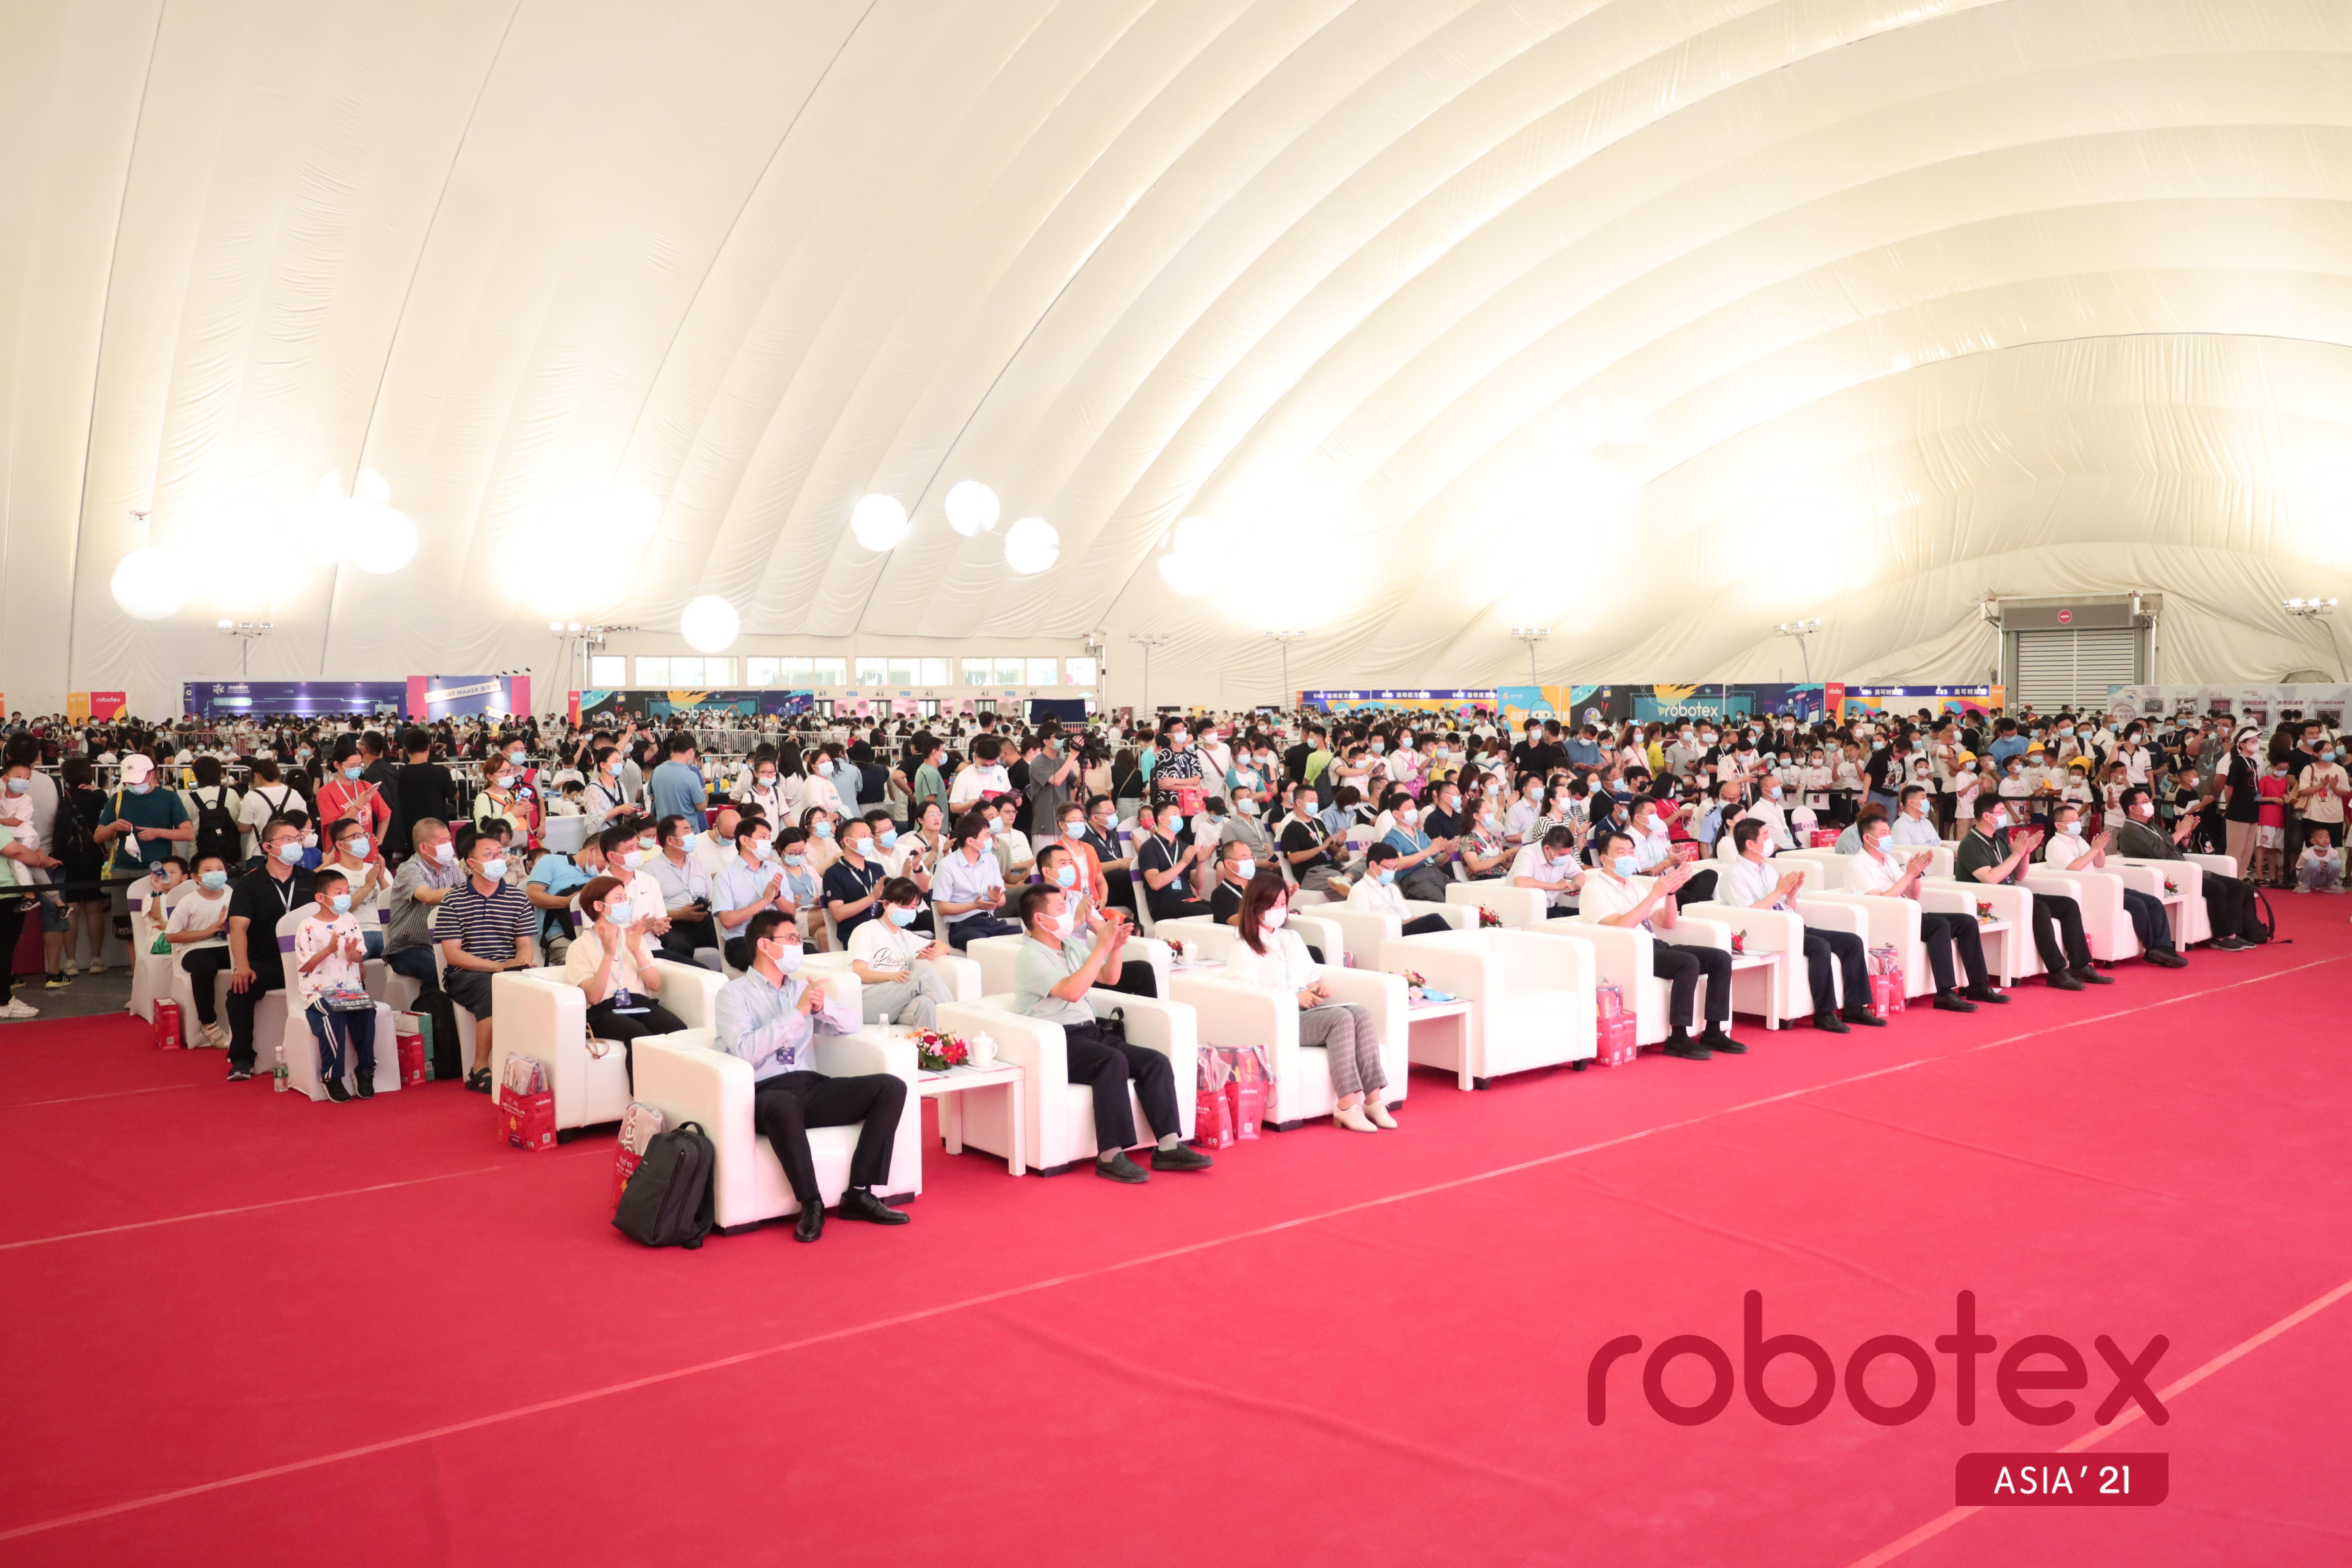 聚焦科学素质教育_第21赛季robotex山东省选拔赛在淄博张店开幕!